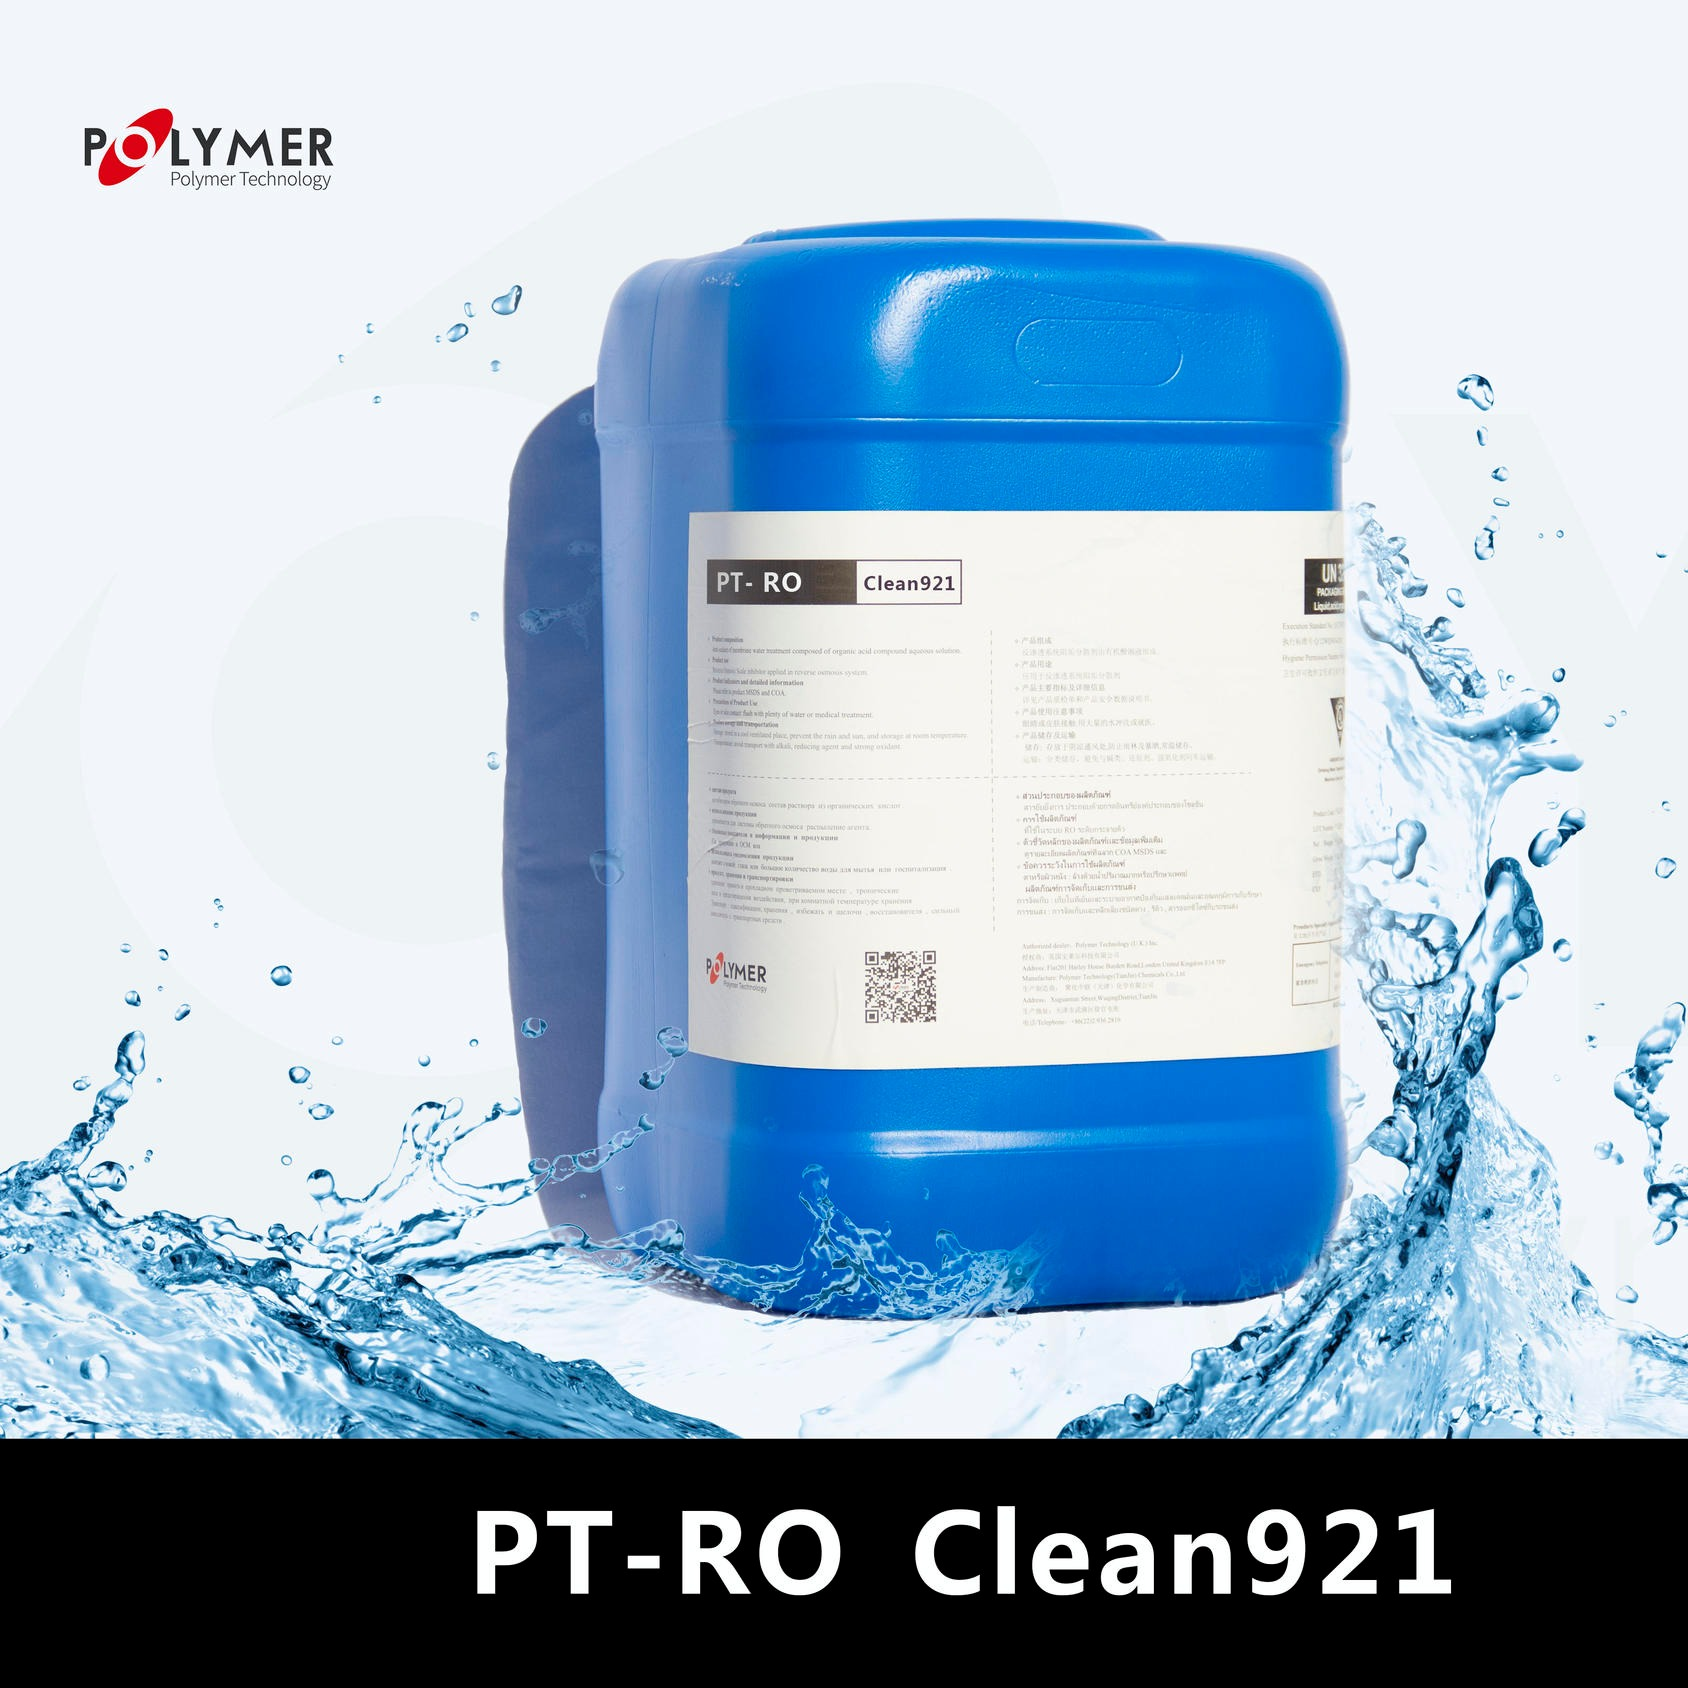 宝莱尔 反渗透酸性清洗剂 PT-RO Clean921  反渗透清洗剂  英国POLYMER 价格面议 厂家直供